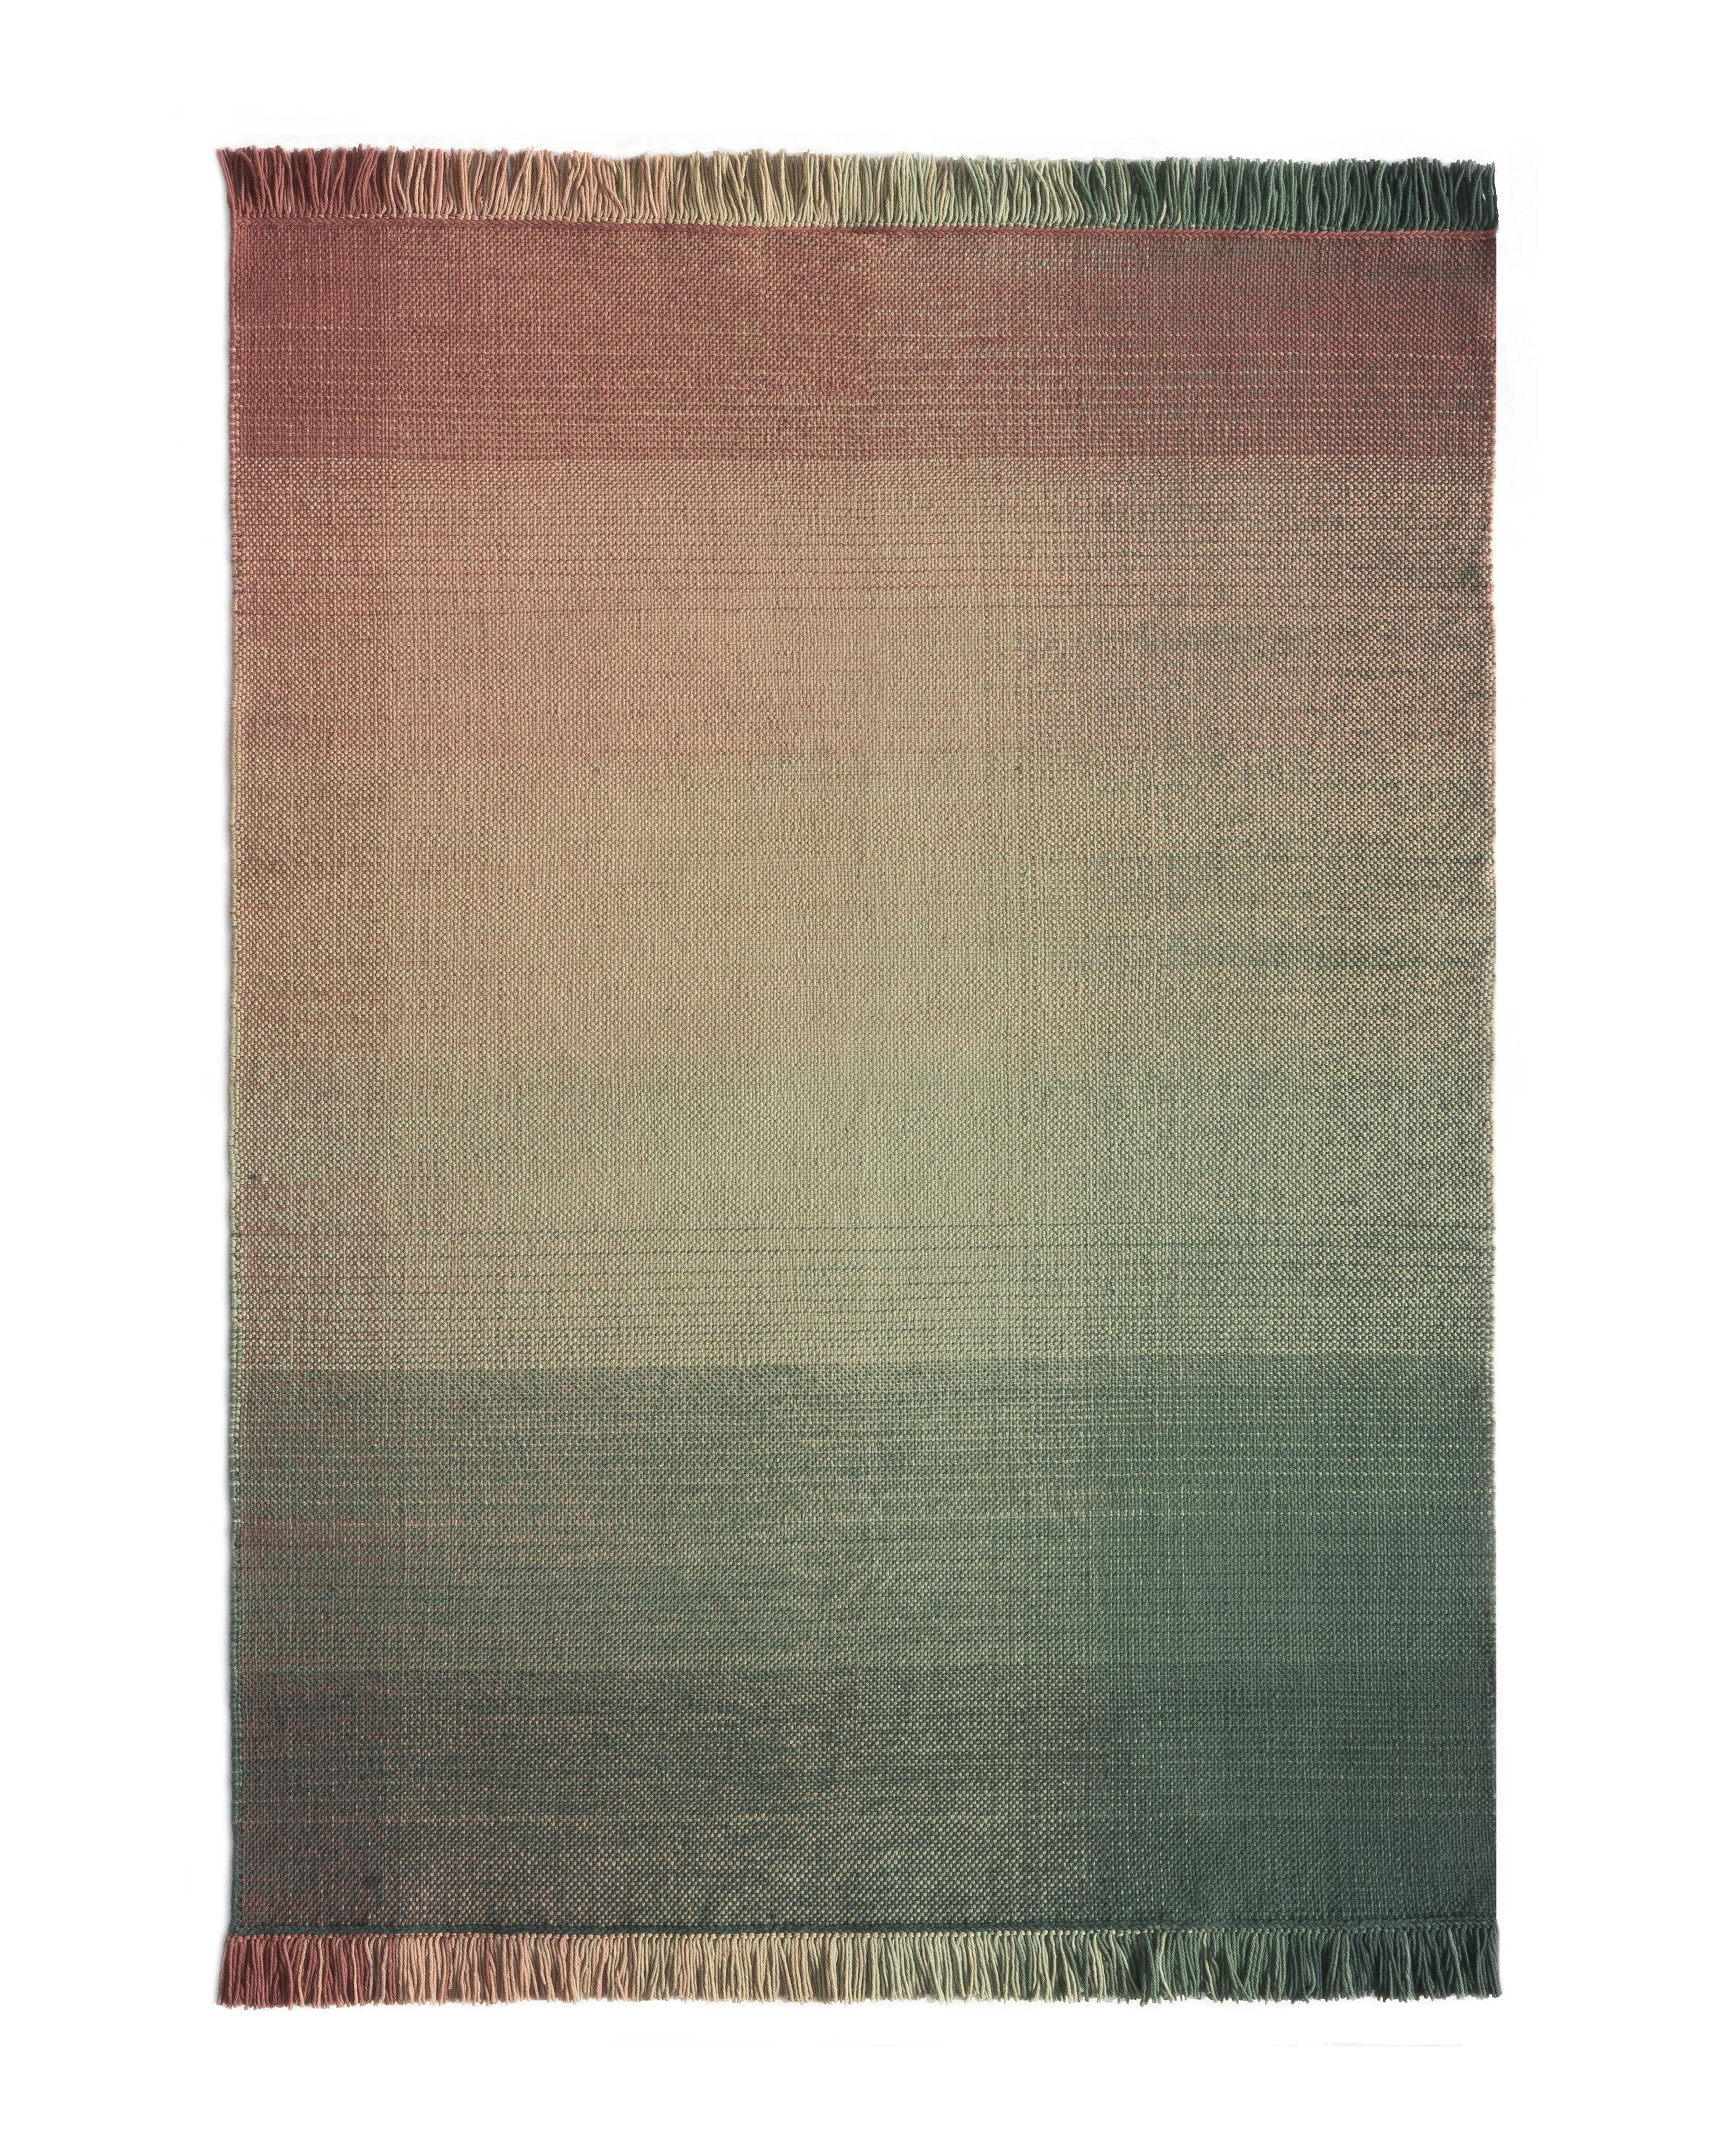 Déco - Tapis - Tapis d'extérieur Shade palette 3 / 170 x 240 cm - Nanimarquina - Vert & Rose - Polyéthylène